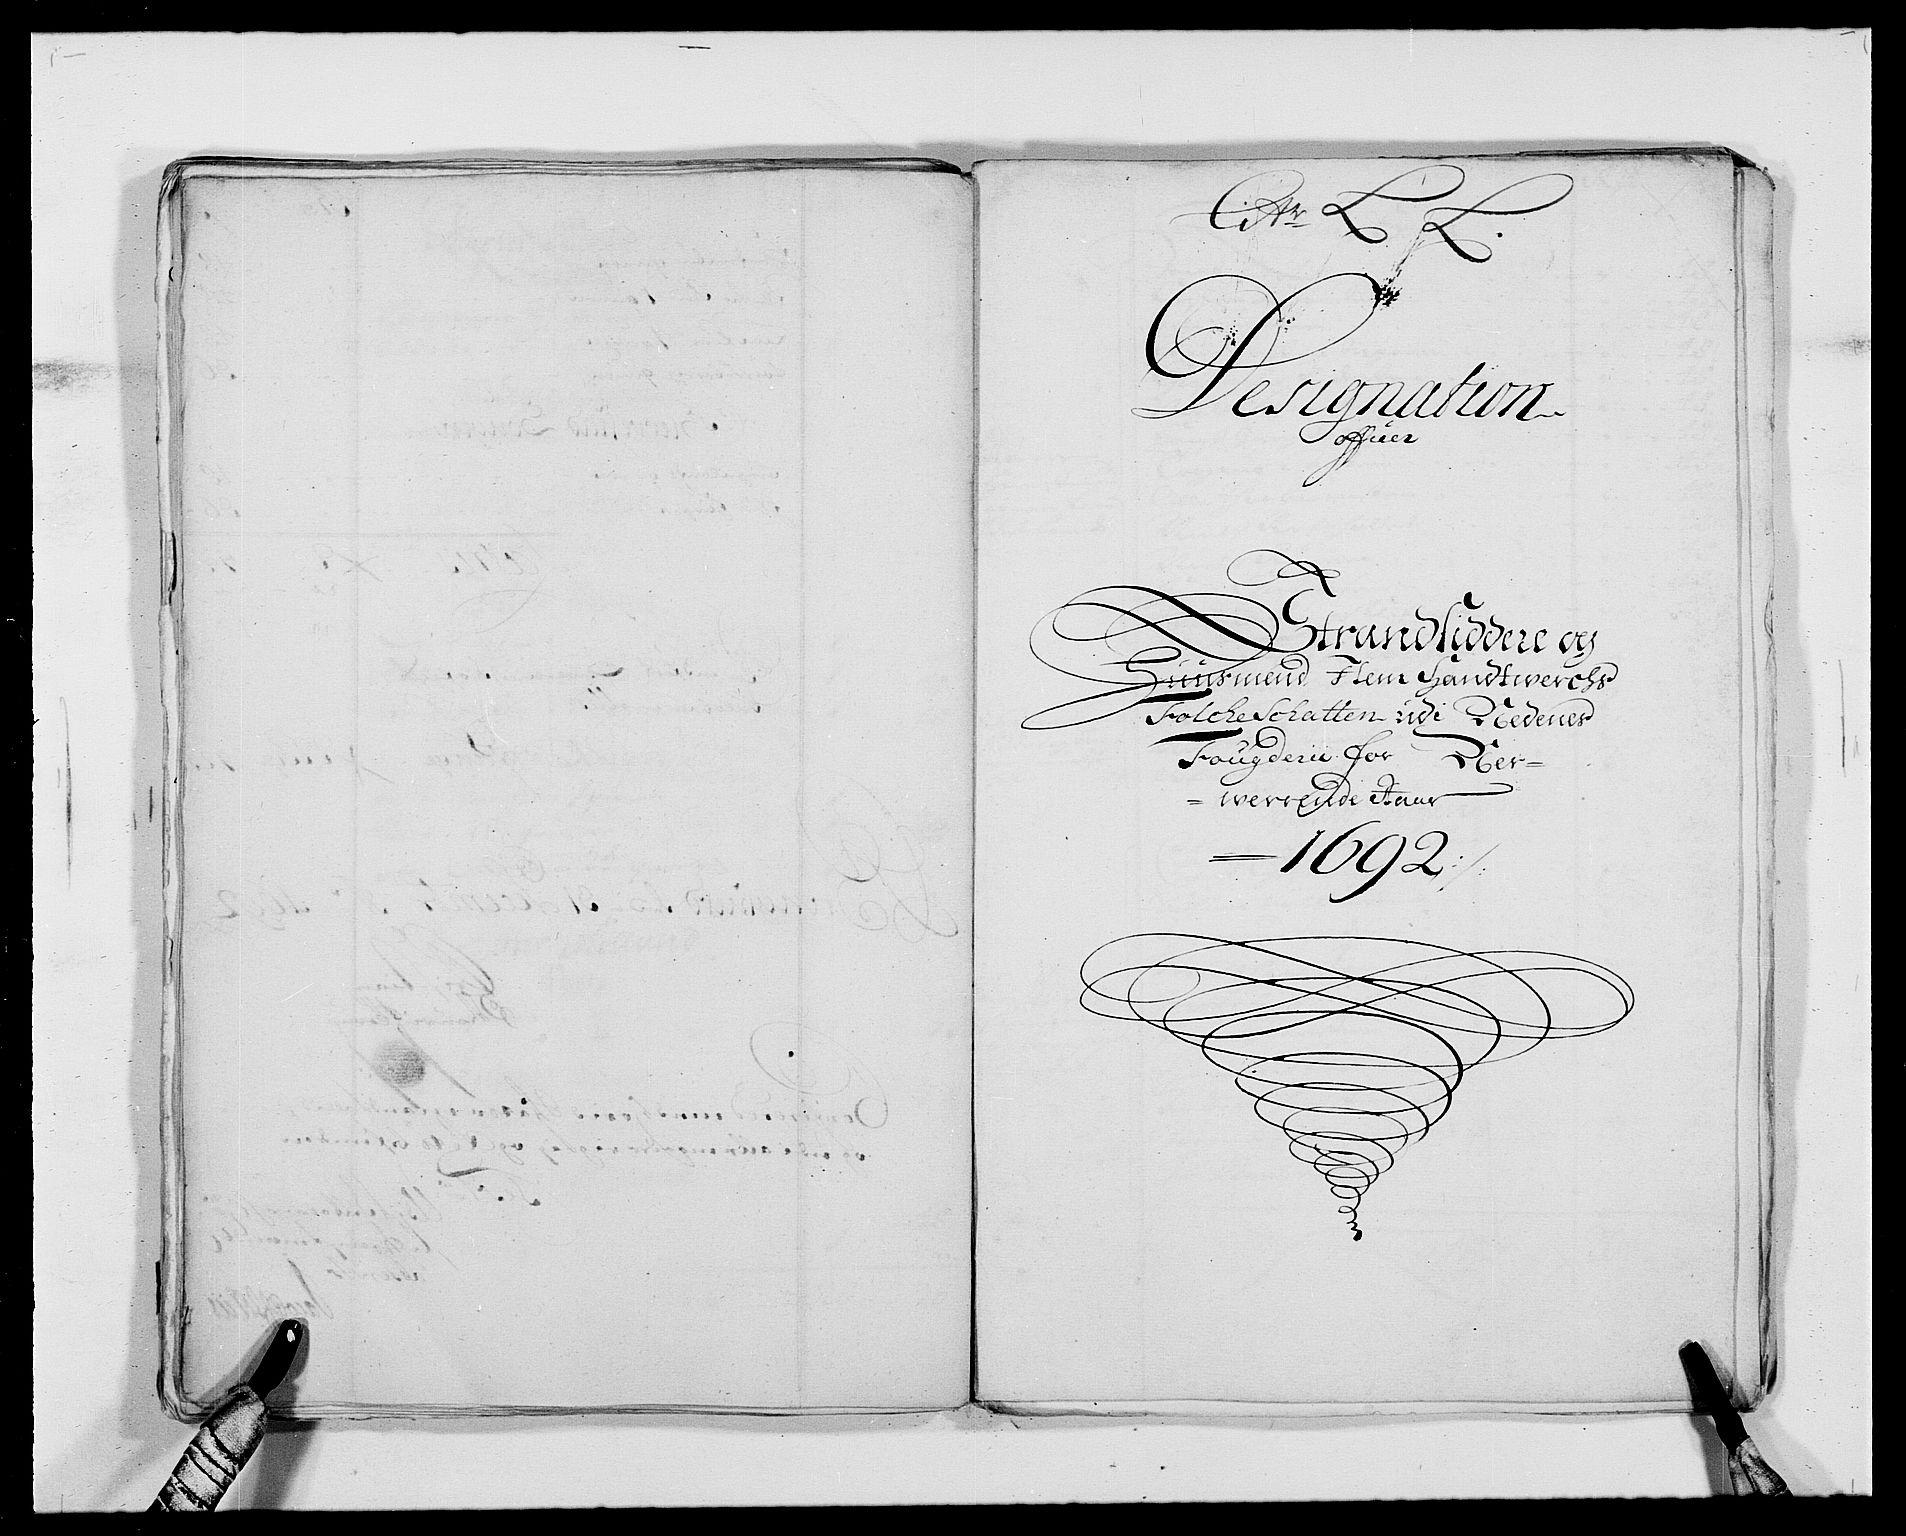 RA, Rentekammeret inntil 1814, Reviderte regnskaper, Fogderegnskap, R39/L2311: Fogderegnskap Nedenes, 1690-1692, s. 230